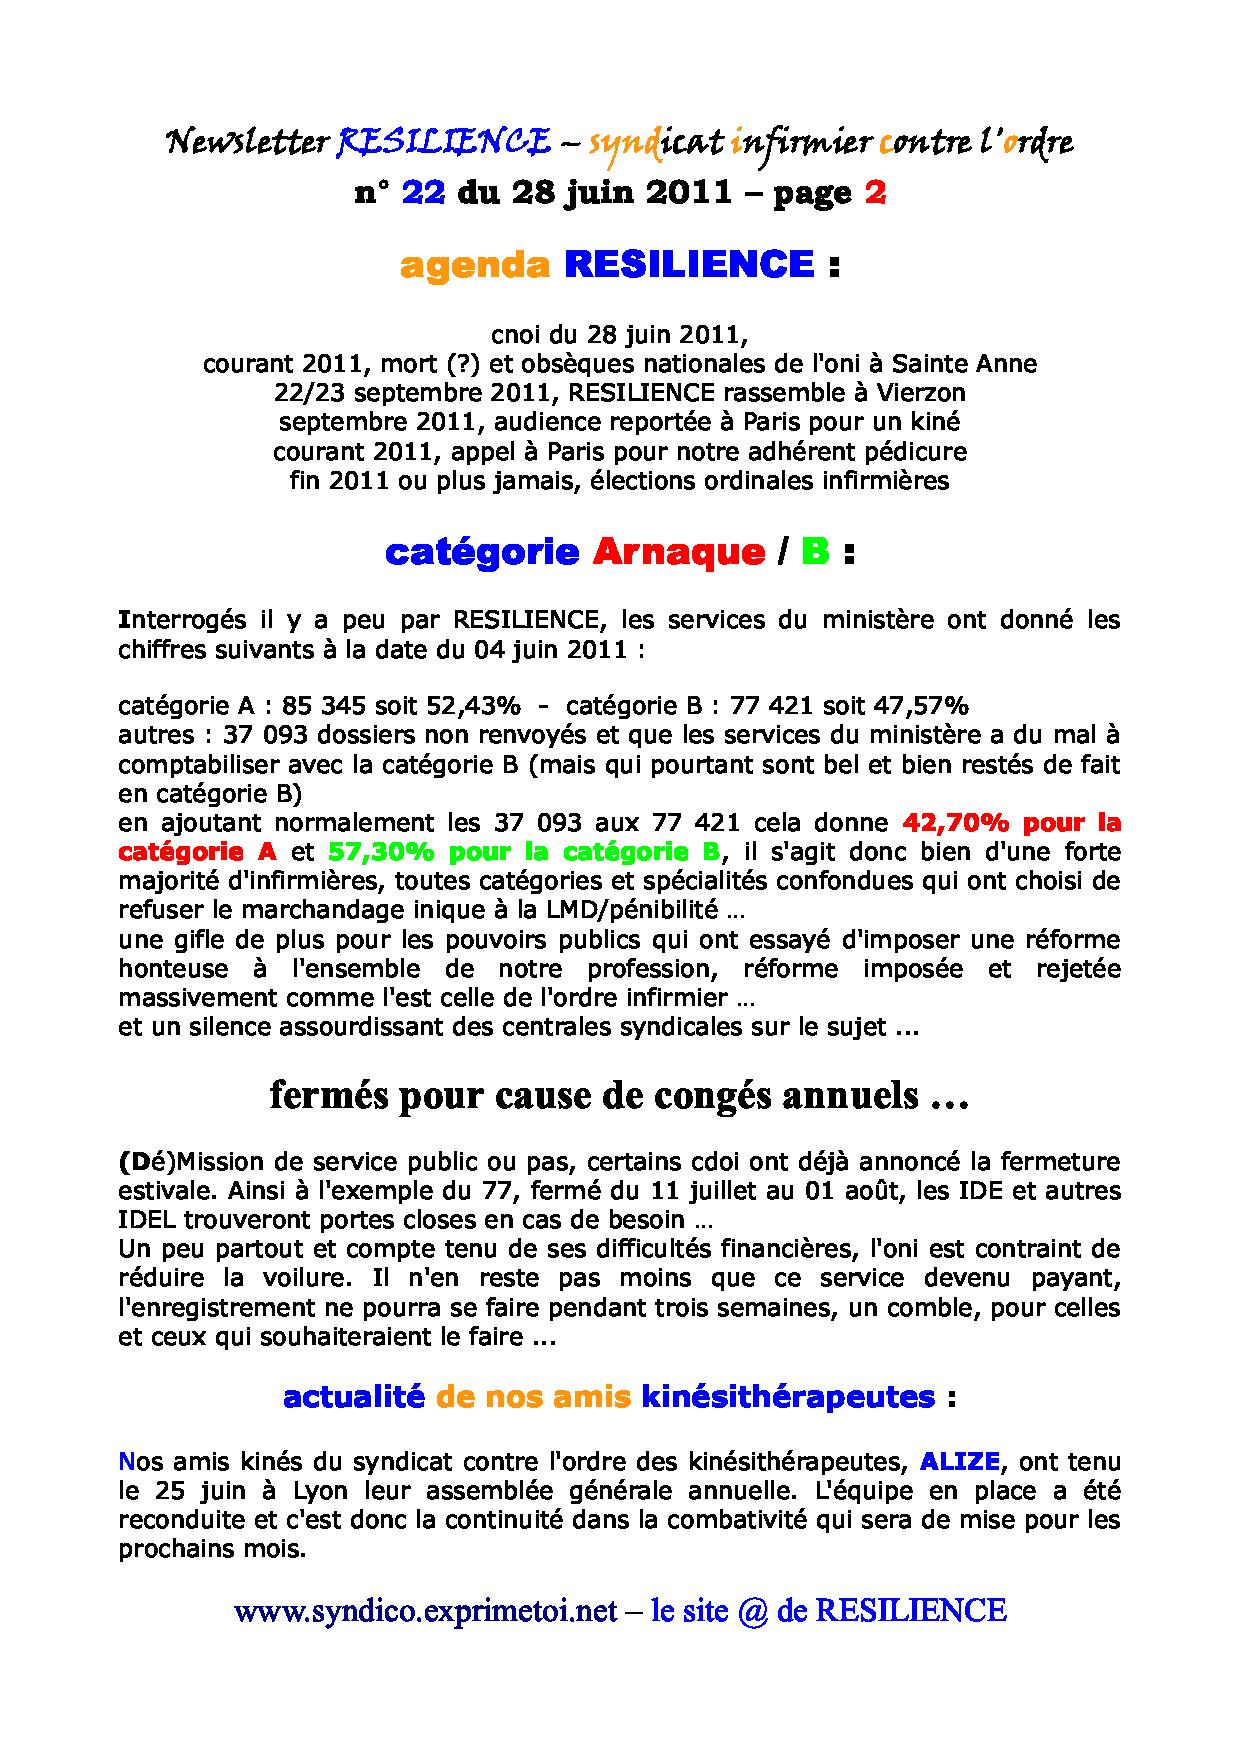 Newsletter RESILIENCE n° 22 du 28 juin 2011 1107050414321139708427955